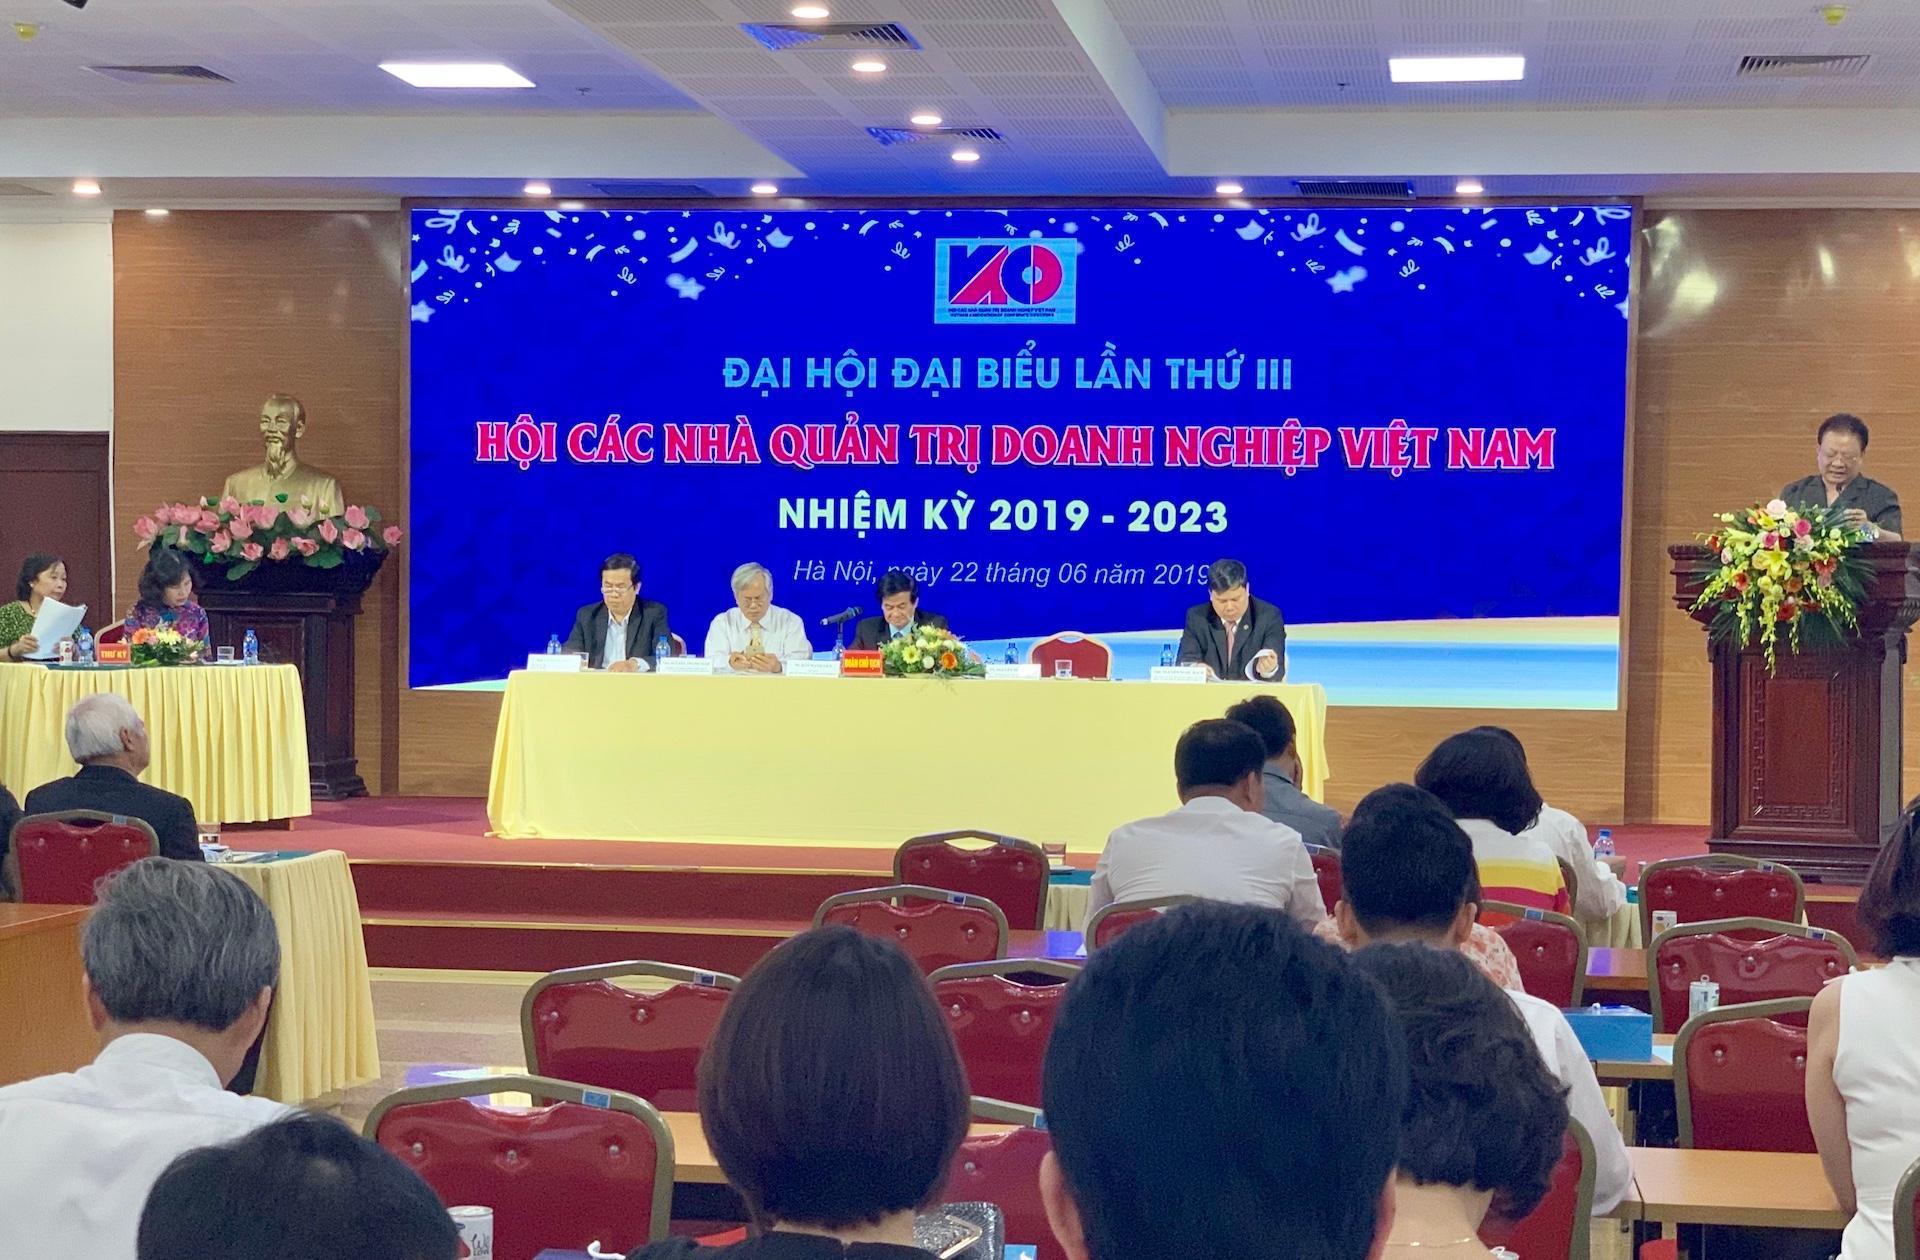 Kết nối nâng cao năng lực quản trị doanh nghiệp Việt